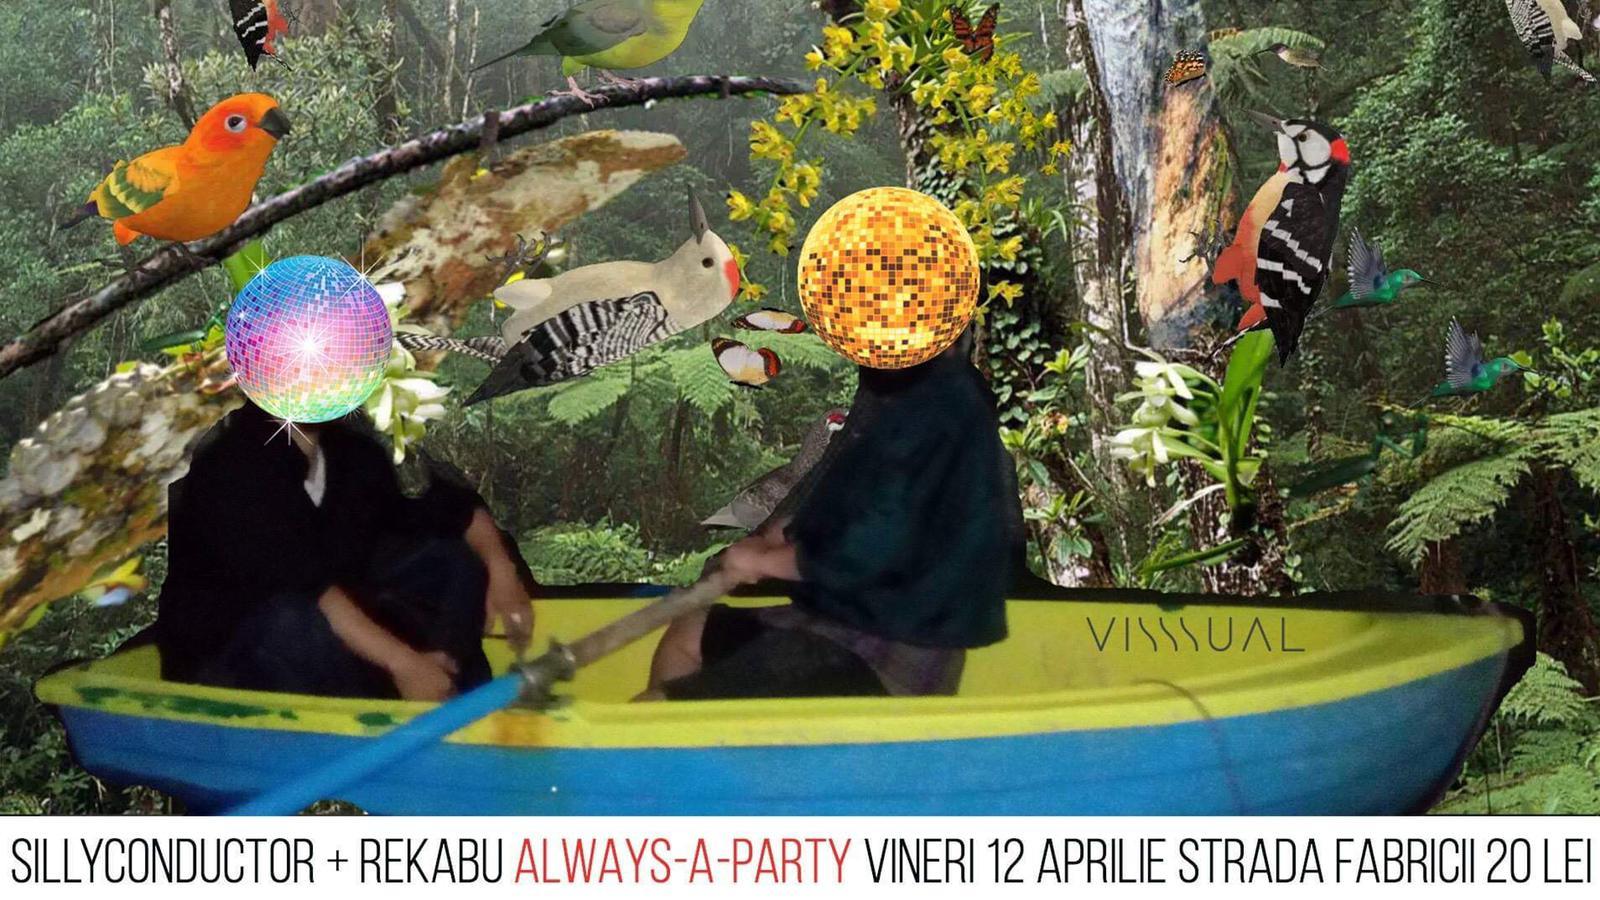 Sillyconductor + Rekabu [Always a Party] - Visssual